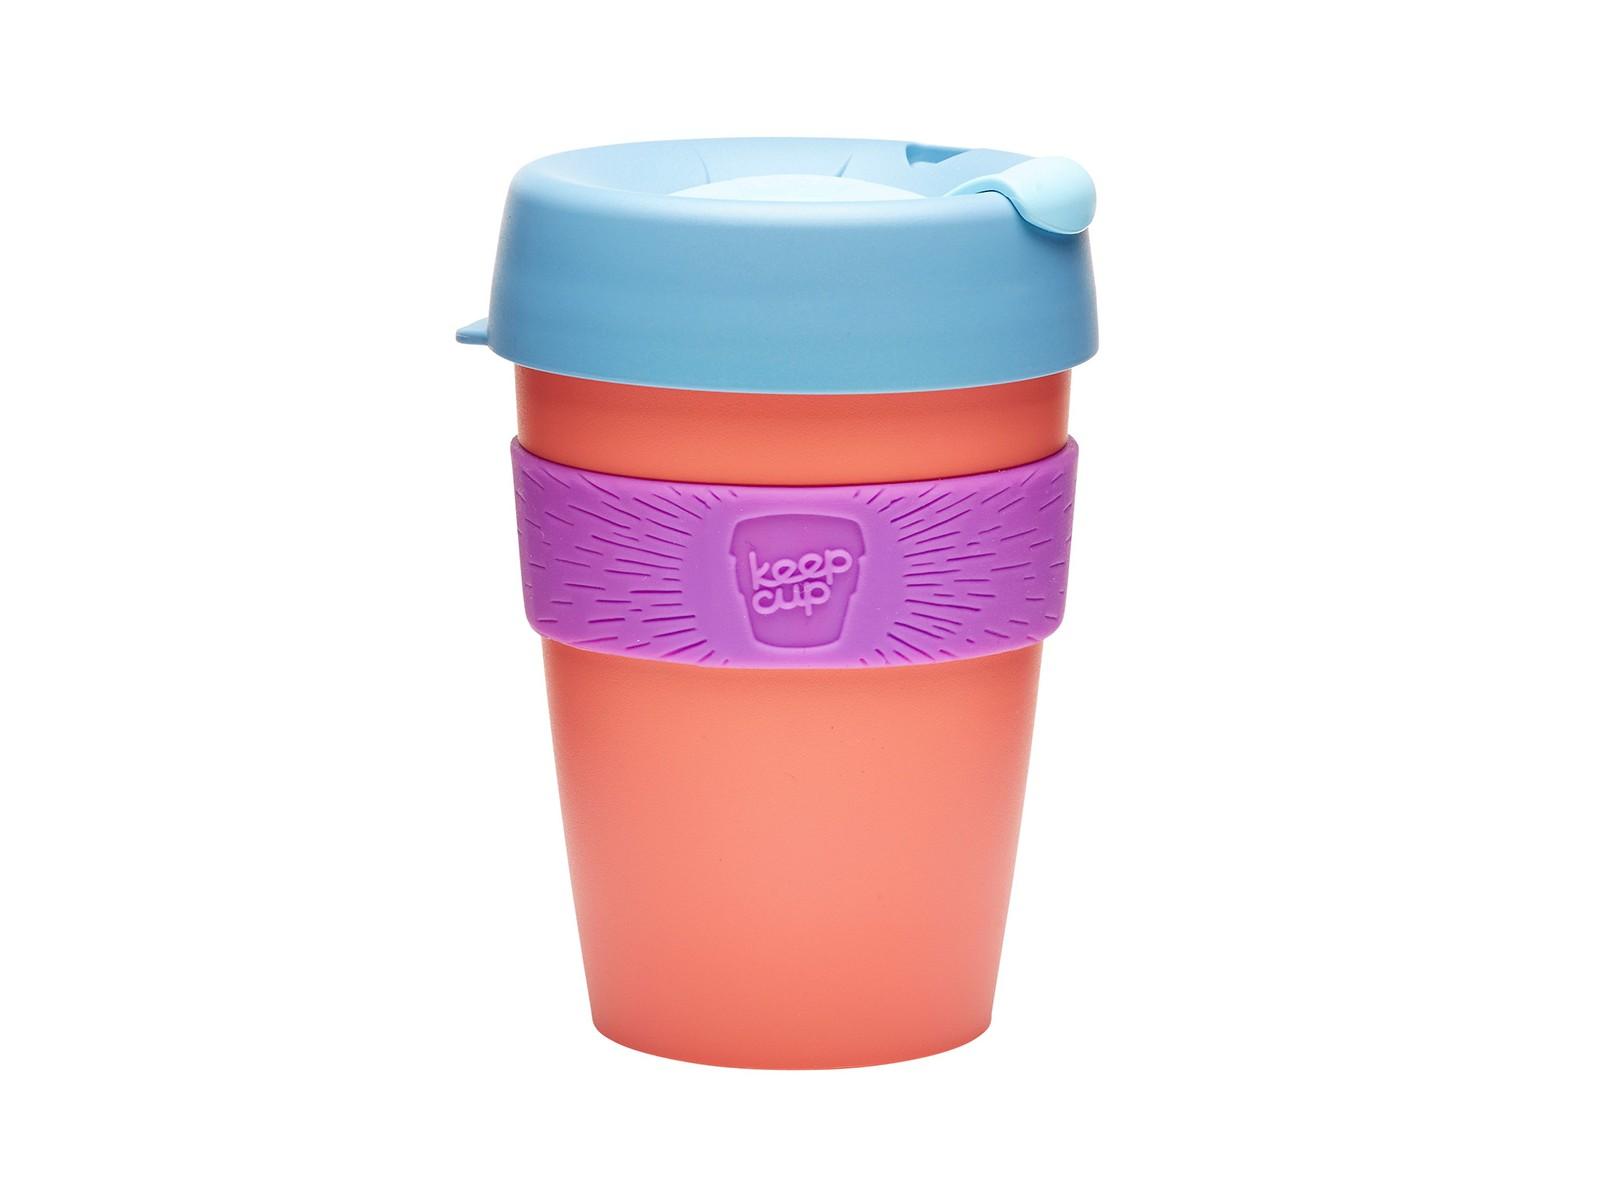 Стакан Keepcup apricotЧайные пары, чашки и кружки<br>Кружка, созданная с мыслями о вас и о планете. Главная идея KeepCup – вдохновить любителей кофе отказаться от использования одноразовых бумажных и пластиковых стаканов, так как их производство и утилизация наносят вред окружающей среде. В год производится и выбрасывается около 500 миллиардов одноразовых стаканчиков, а ведь планета у нас всего одна! <br>Но главный плюс кружки  – привлекательный и яркий дизайн, который станет отражением вашего личного стиля. Берите ее в кафе или наливайте кофе, чай, сок дома, чтобы взять с собой - пить вкусные напитки на ходу, на работе или на пикнике. Специальная крышка с открывающимся и закрывающимся клапаном спасет от брызг, силиконовый ободок поможет не обжечься (плюс, удобно держать кружку в руках), а плотная крышка и толстые стенки сохранят напиток теплым в течение 20~30 минут. <br>Кружка сделана из нетоксичного пластика без содержания вредного бисфенола (BPA-free). Можно использовать в микроволновке и мыть в посудомоечной машине.&amp;amp;nbsp;&amp;lt;div&amp;gt;&amp;lt;br&amp;gt;&amp;lt;/div&amp;gt;&amp;lt;div&amp;gt;Объем: 340 мл.&amp;lt;br&amp;gt;&amp;lt;div&amp;gt;&amp;lt;br&amp;gt;&amp;lt;/div&amp;gt;&amp;lt;/div&amp;gt;<br><br>Material: Пластик<br>Height см: 13<br>Diameter см: 8,8